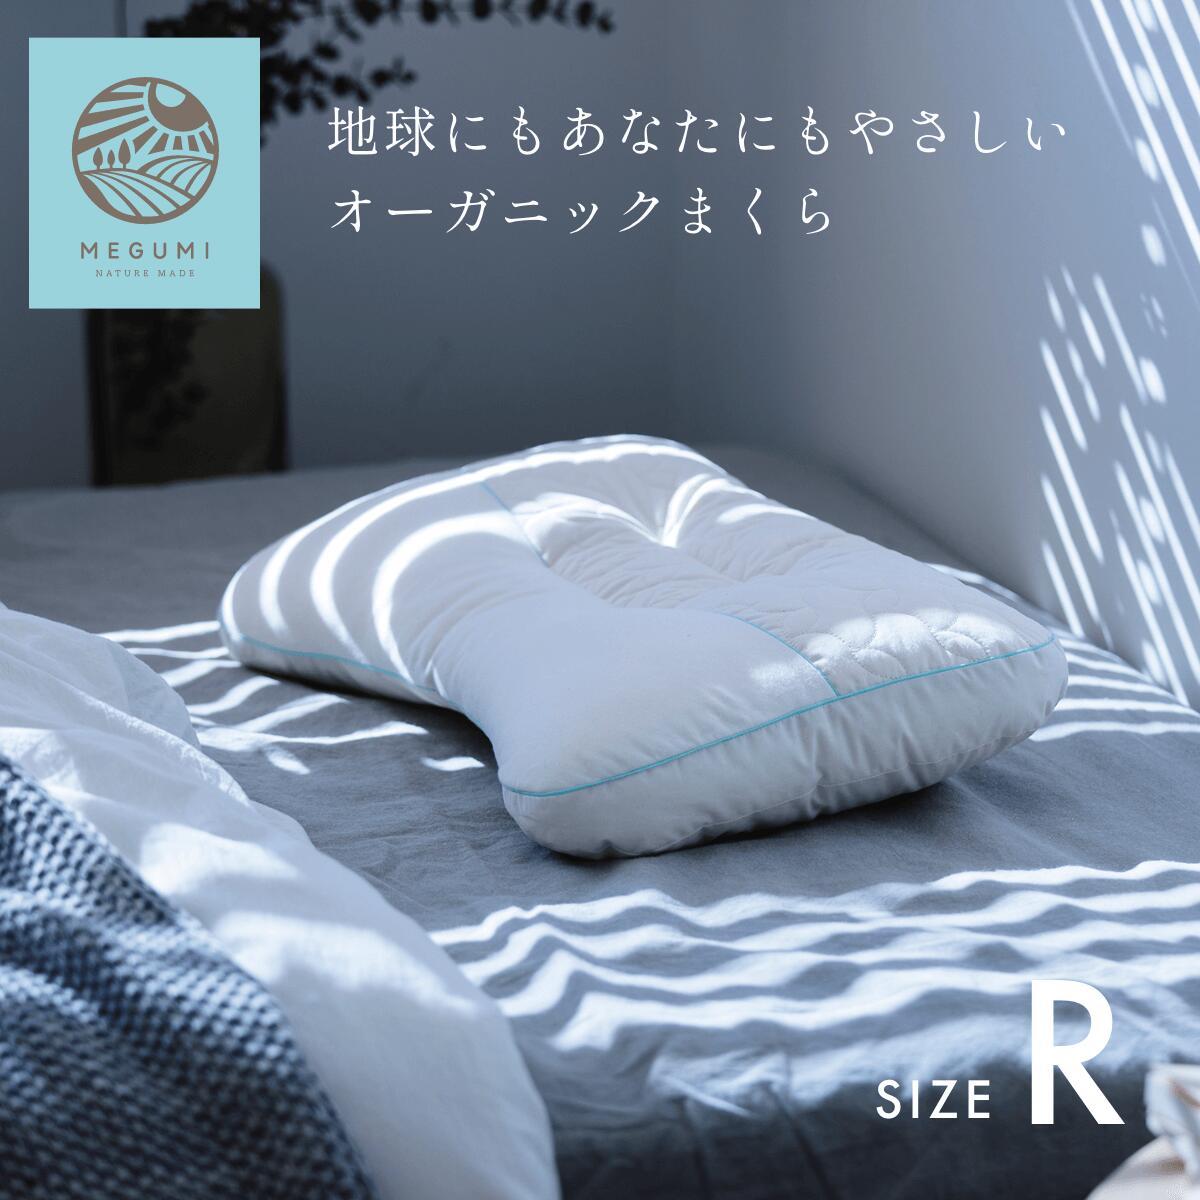 枕・抱き枕, 枕 81P11 MEGUMI 35x55